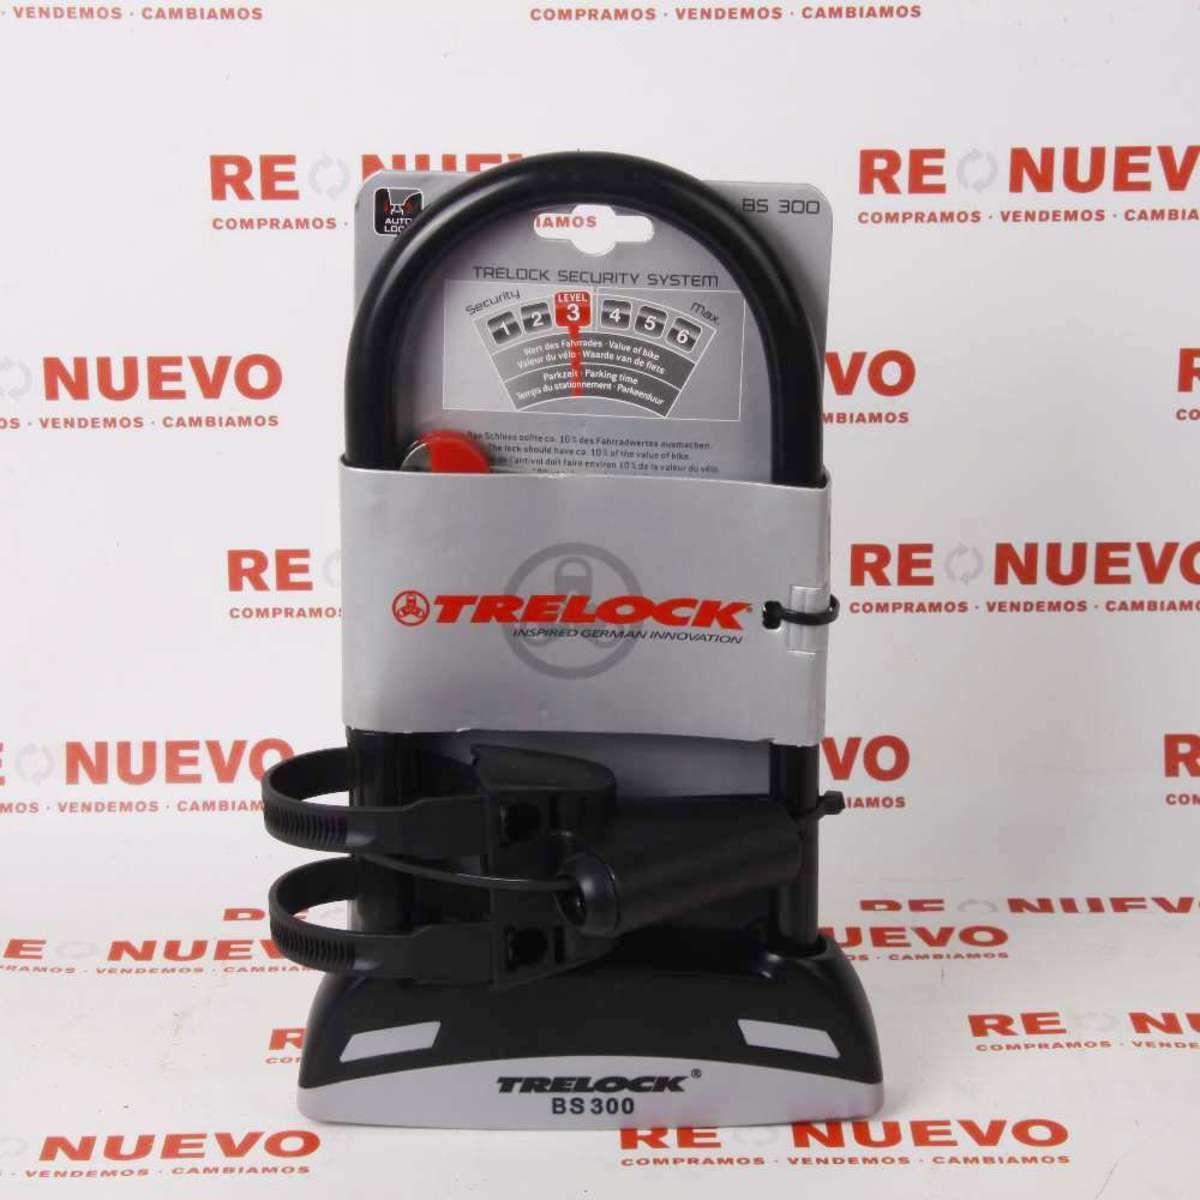 Candado Trelock Bs300 Nuevo E268819 De Segunda Mano Tienda De